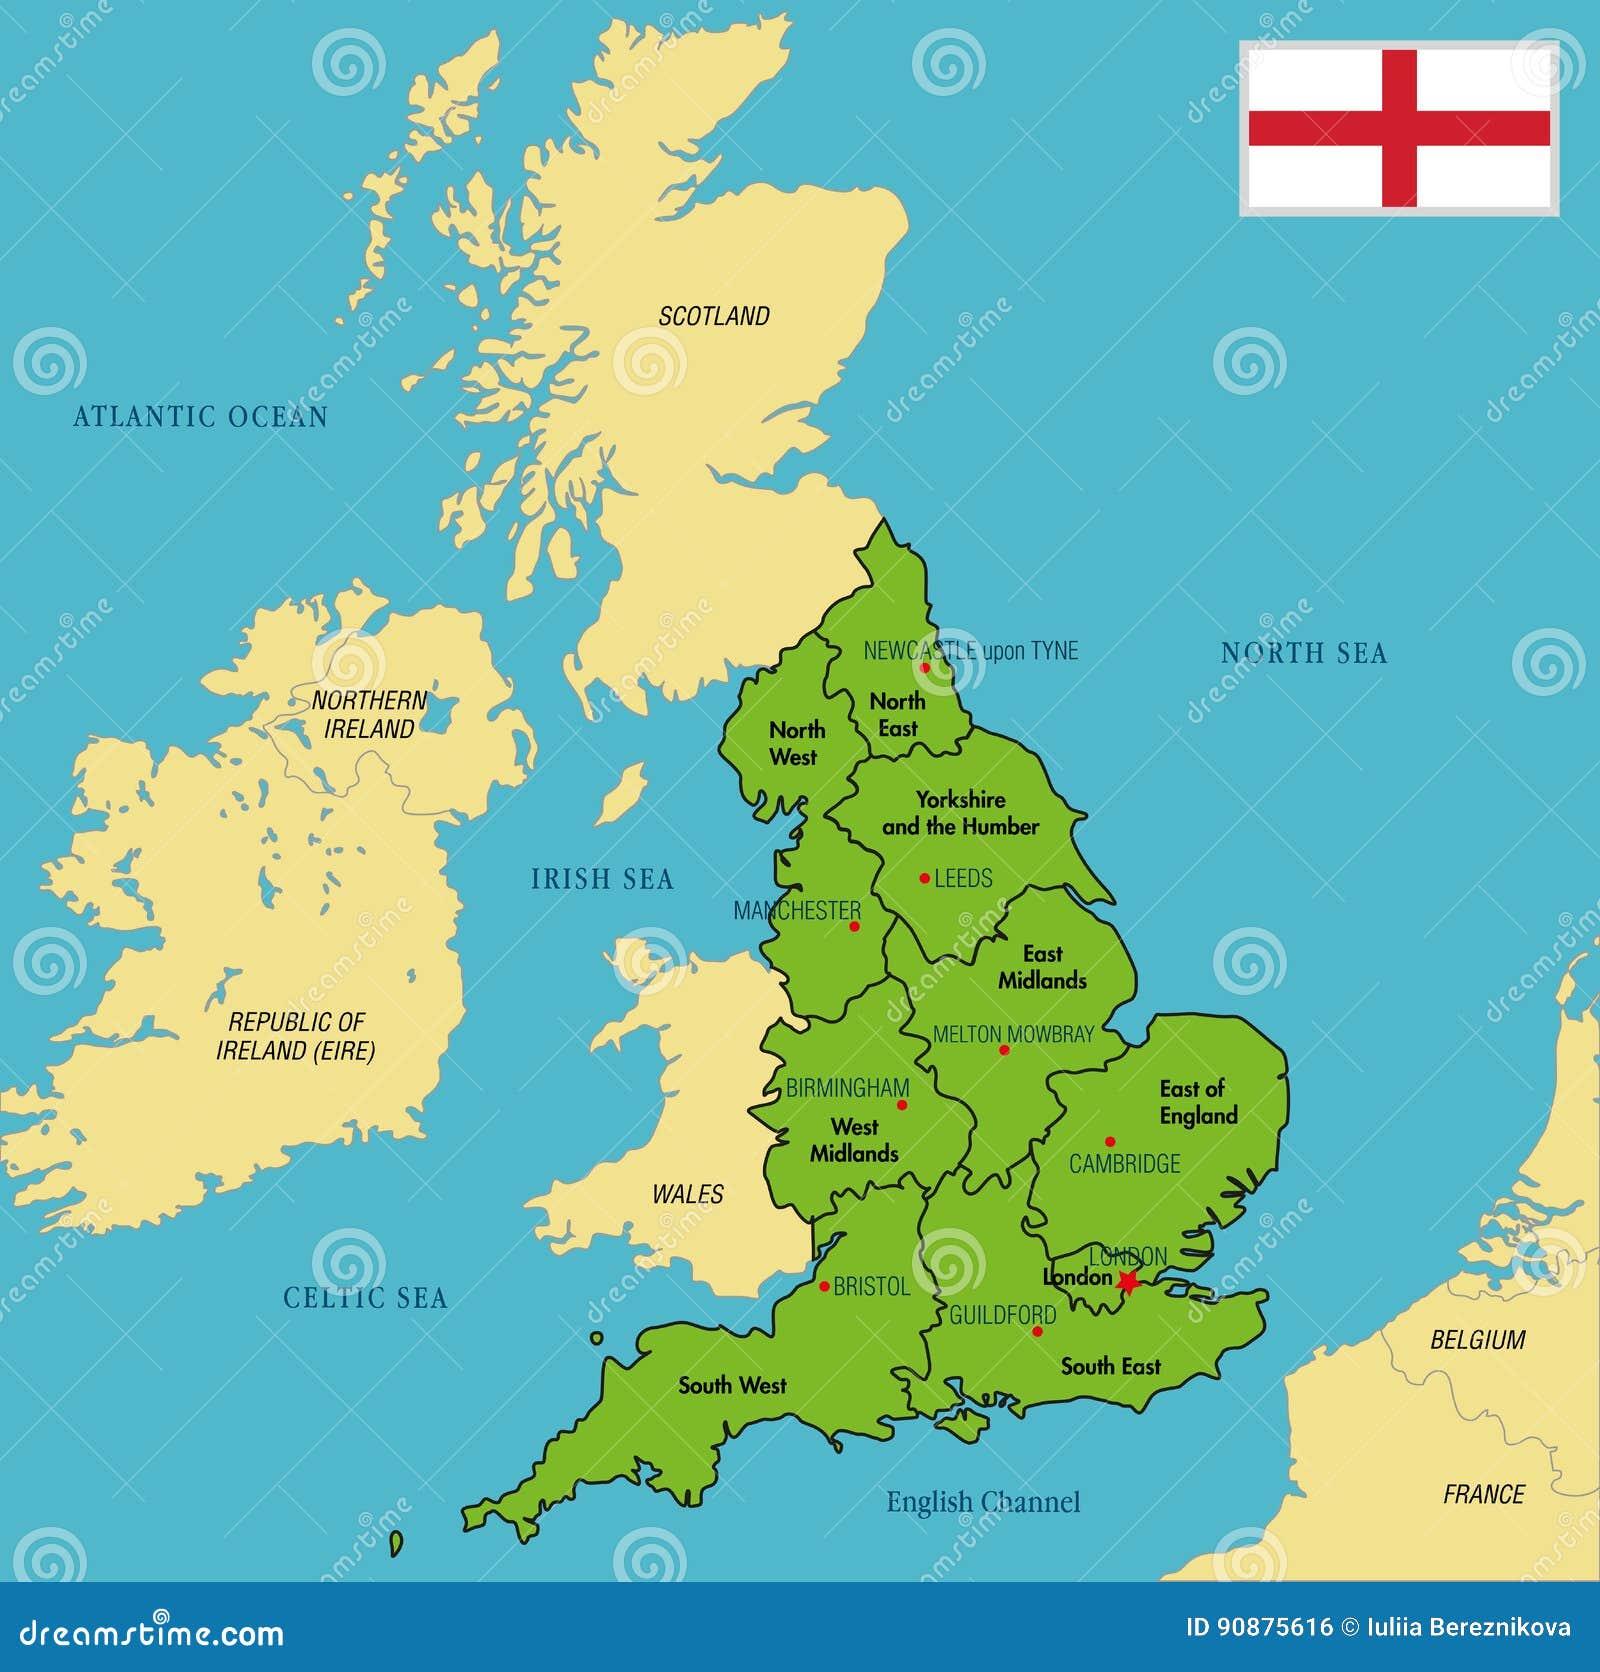 karte von england Politische Karte Von England Mit Regionen Und Ihren Hauptstädten